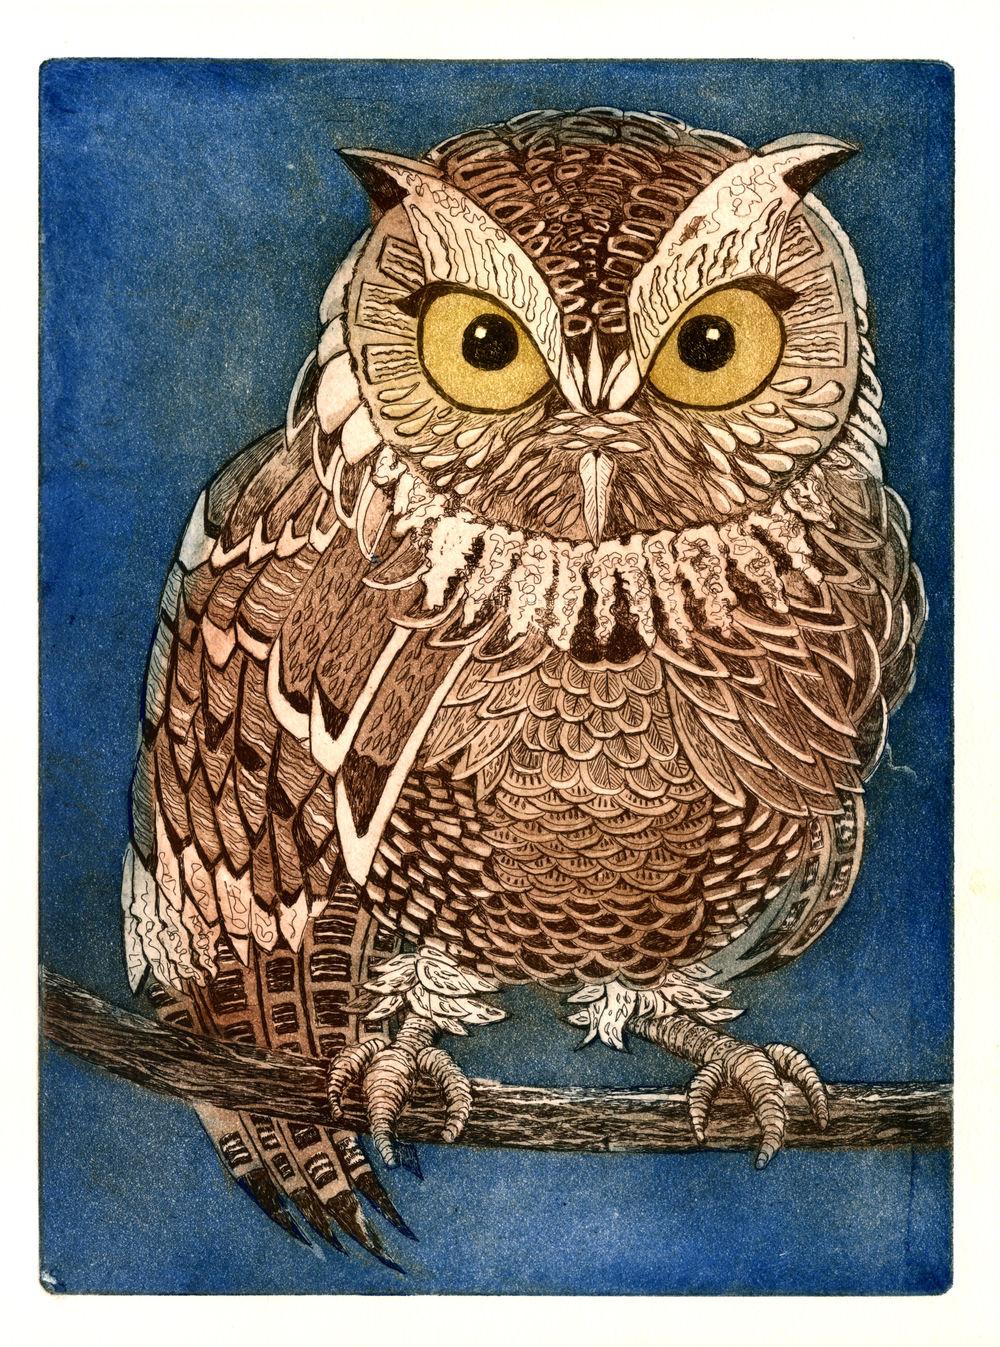 Screech Owl, etching